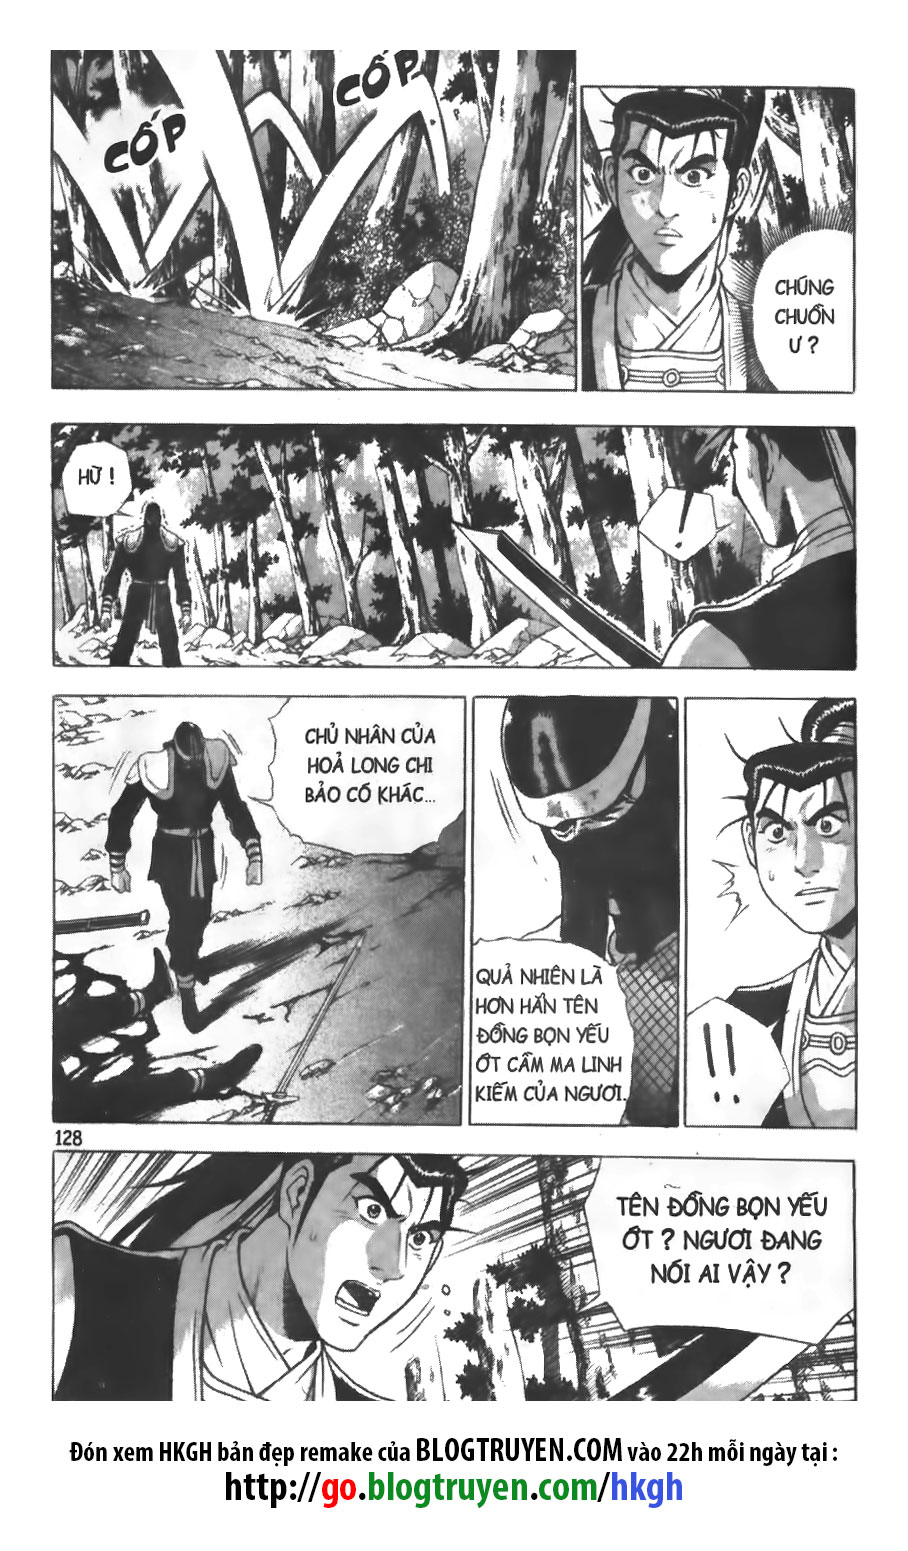 Hiệp Khách Giang Hồ - Hiệp Khách Giang Hồ Chap 241 - Pic 2